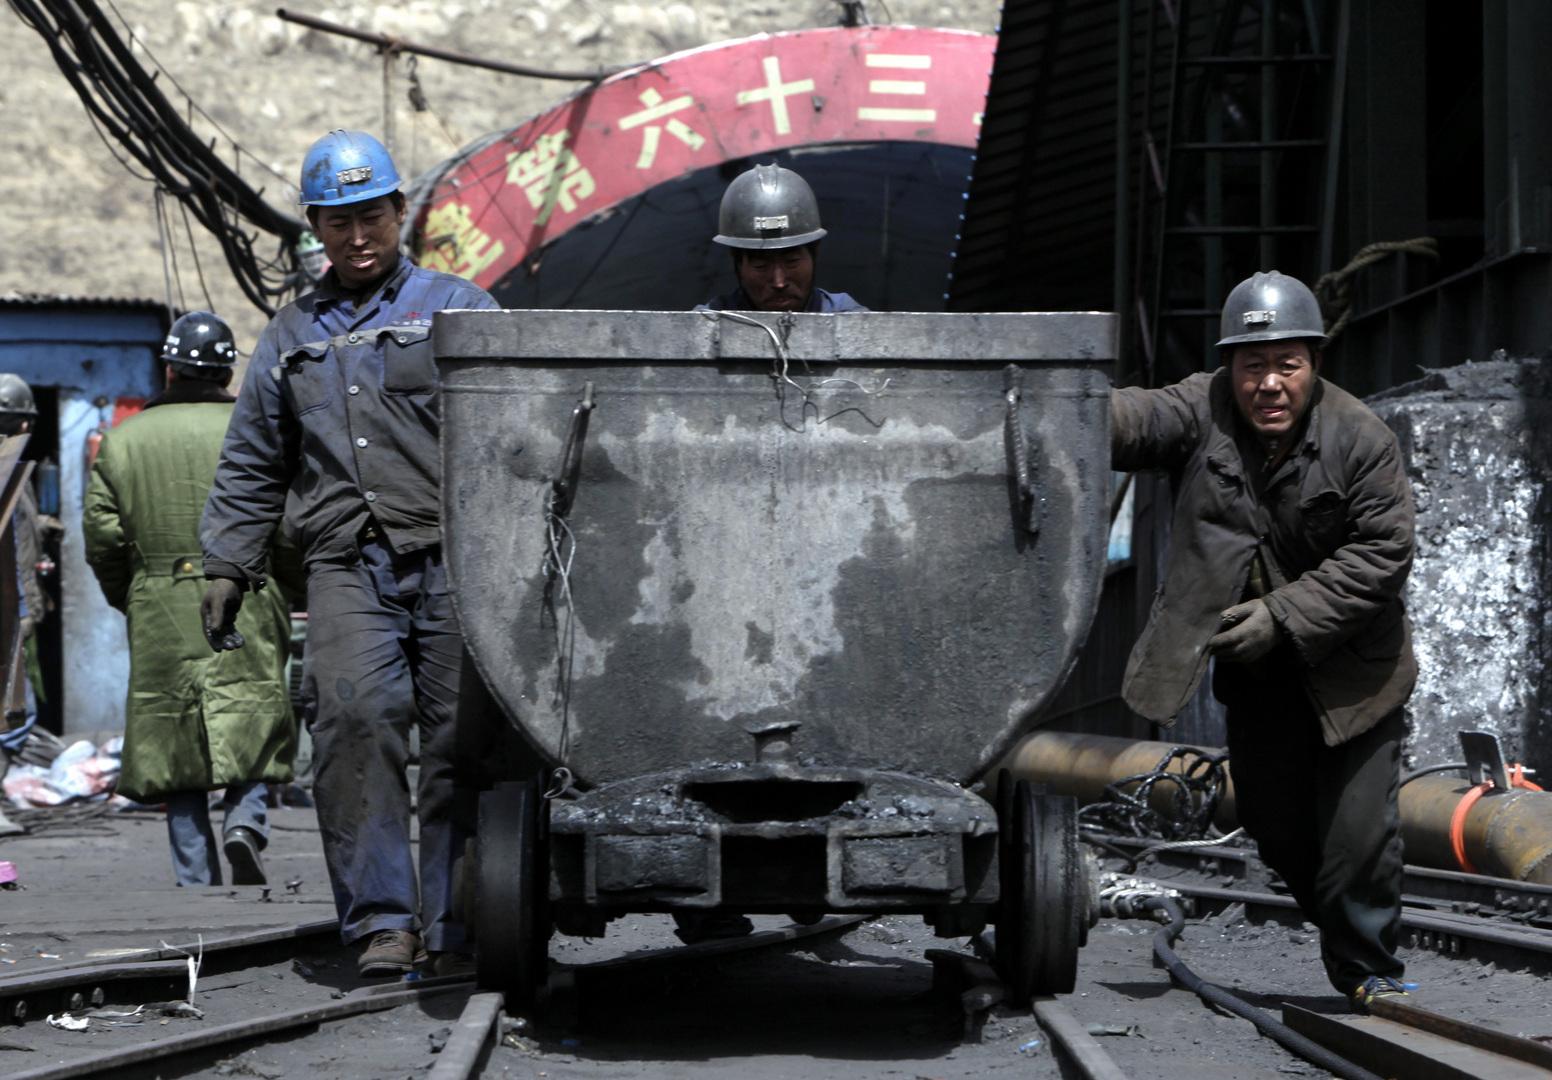 عمال منجم شانتشي في الصين. الصورة: أرشيف.